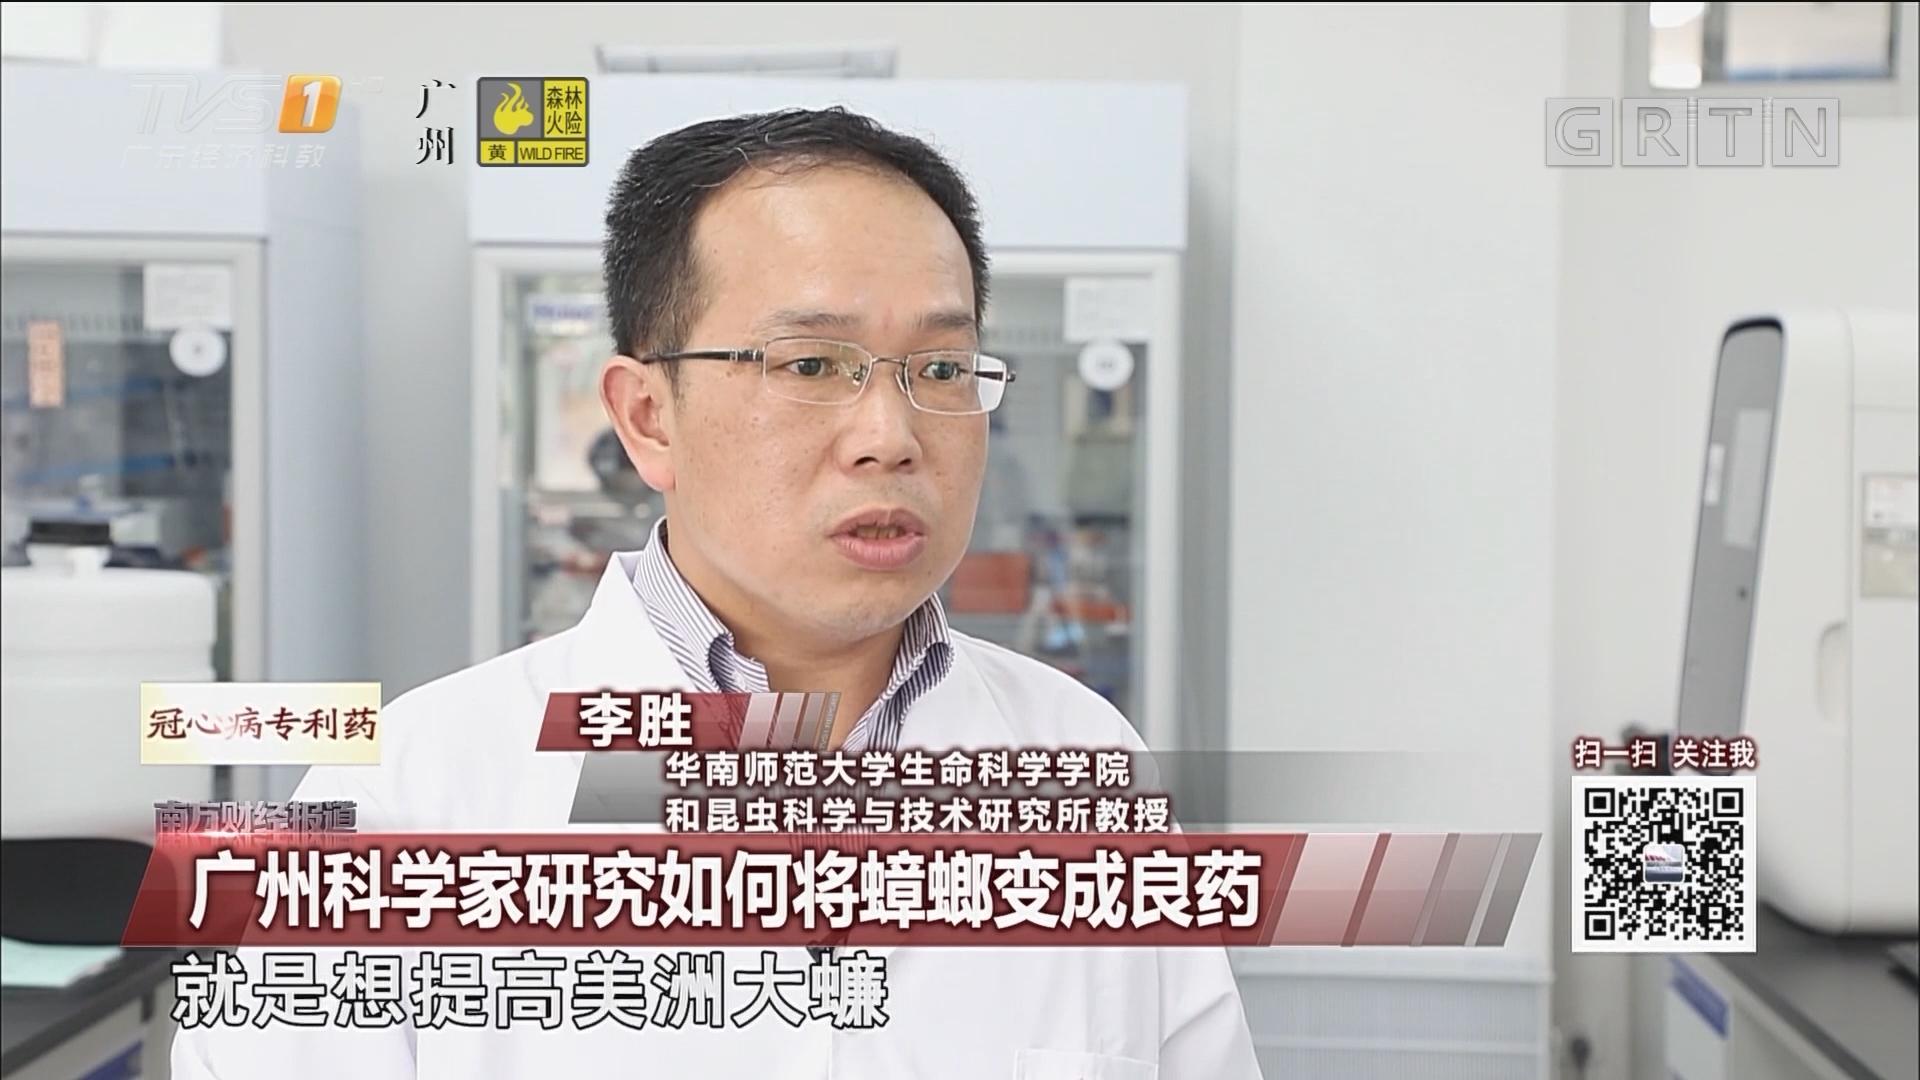 广州科学家研究如何将蟑螂变成良药